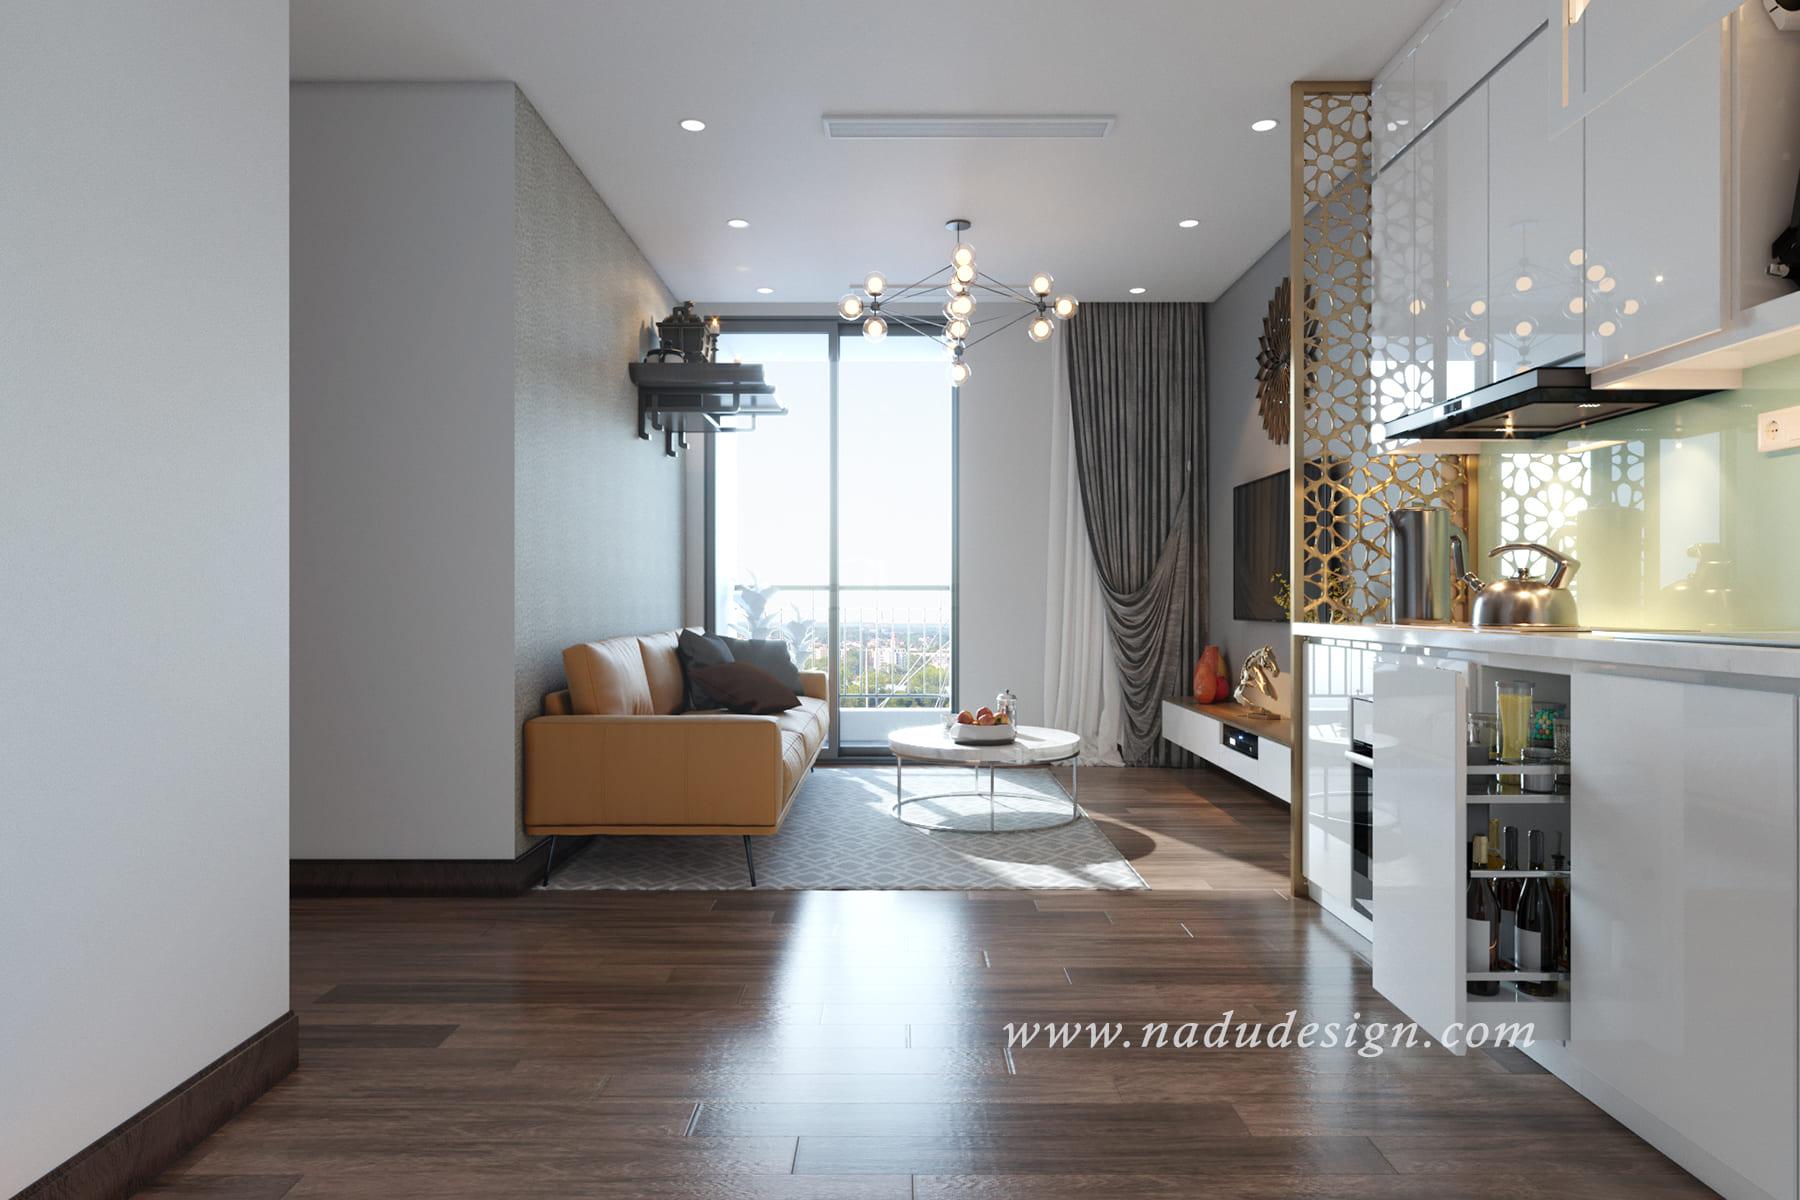 Nhà mẫu dự án căn hộ chung cư City Gate 5 Bình Chánh Đường Hưng Nhơn chủ đầu tư NBB